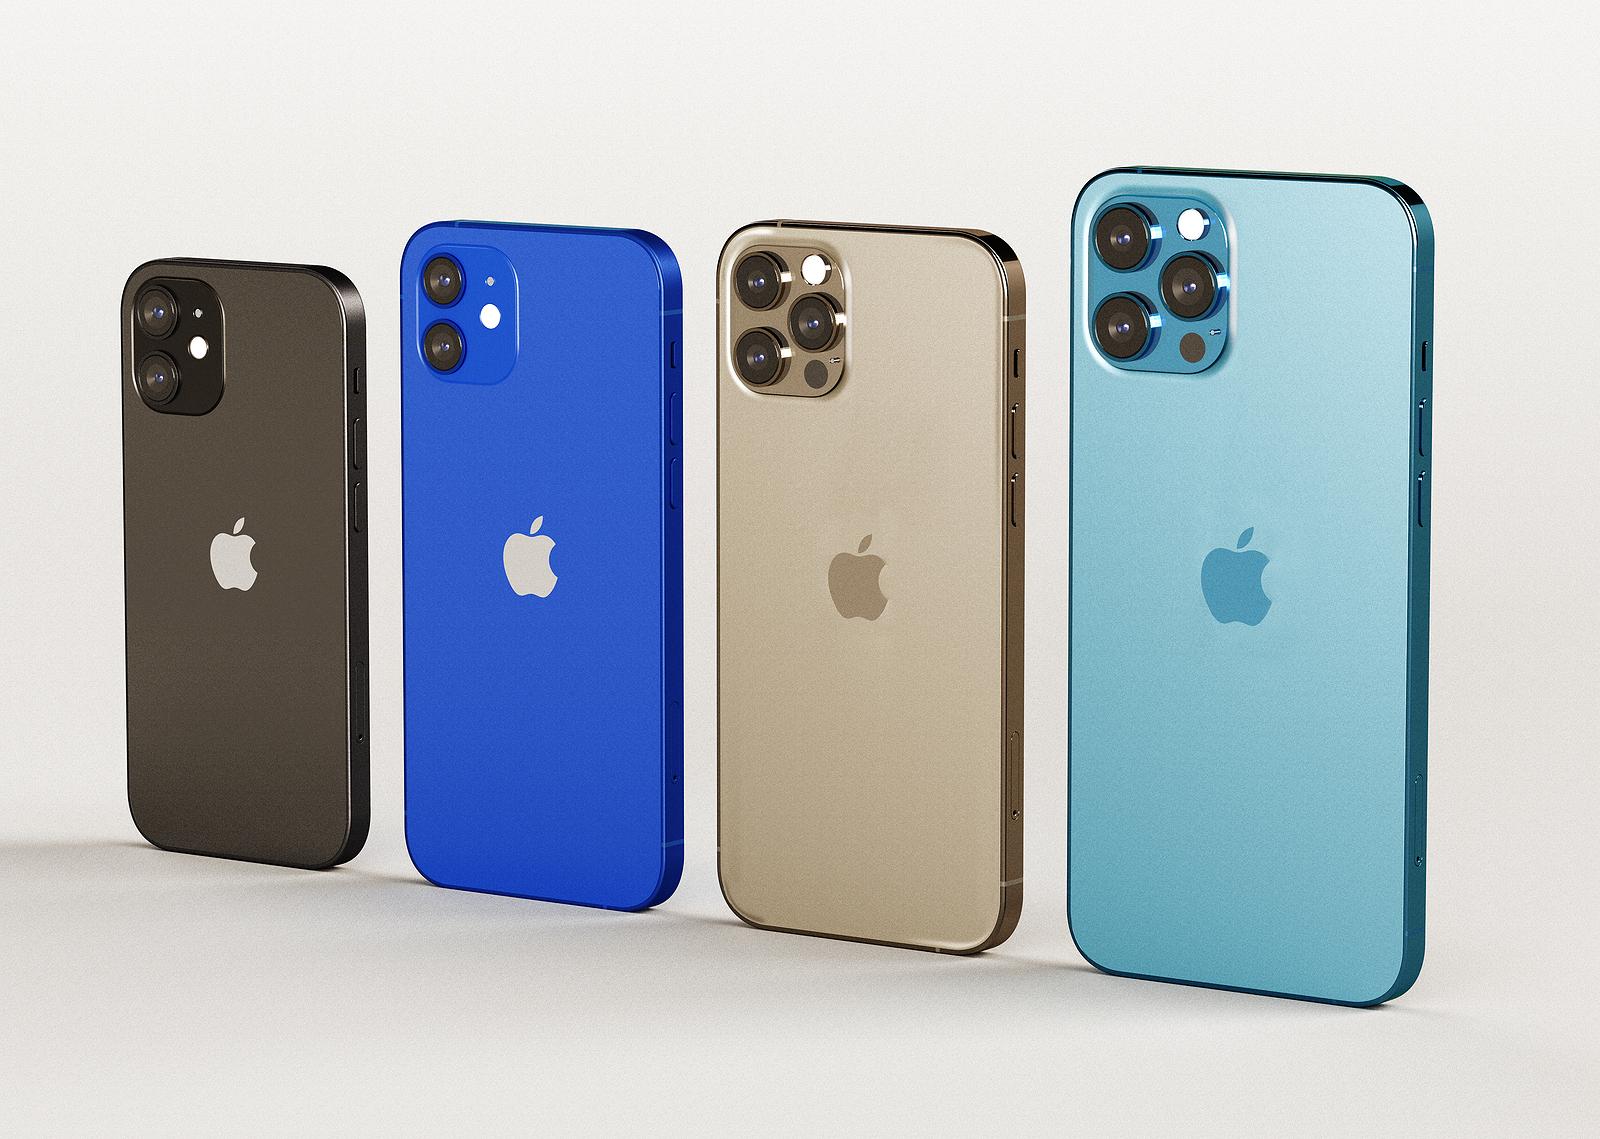 iPhone 2021: Kamera-Upgrade erneut im Gespräch - Apfelpatient